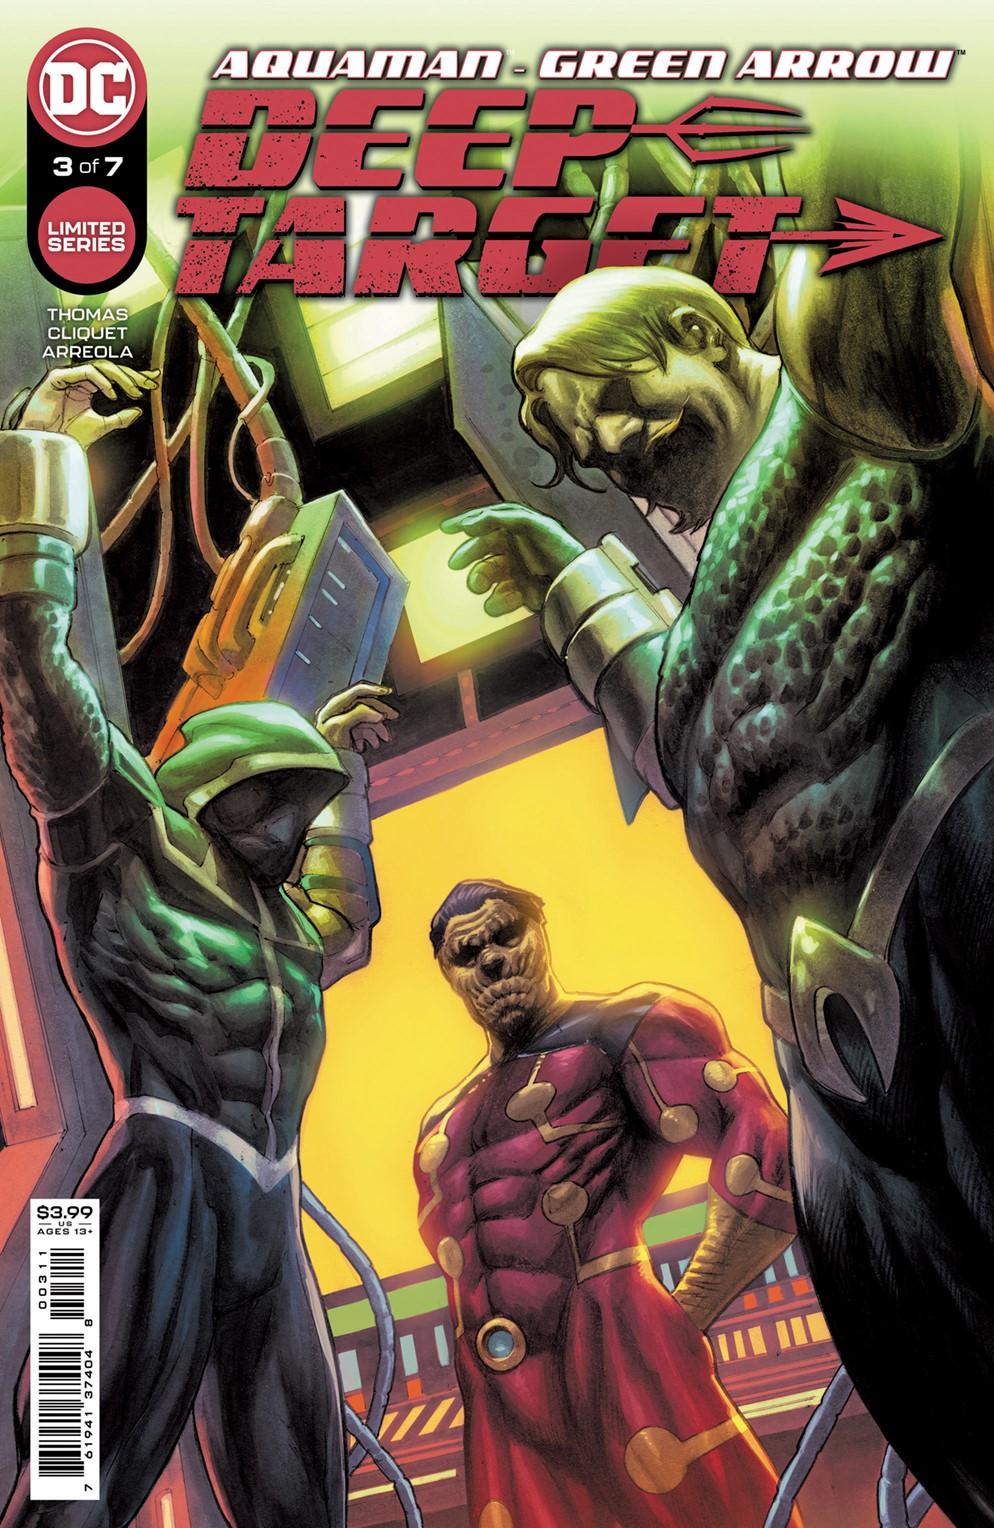 AQUAMAN_GREENARROW_DT_Cv3 DC Comics December 2021 Solicitations